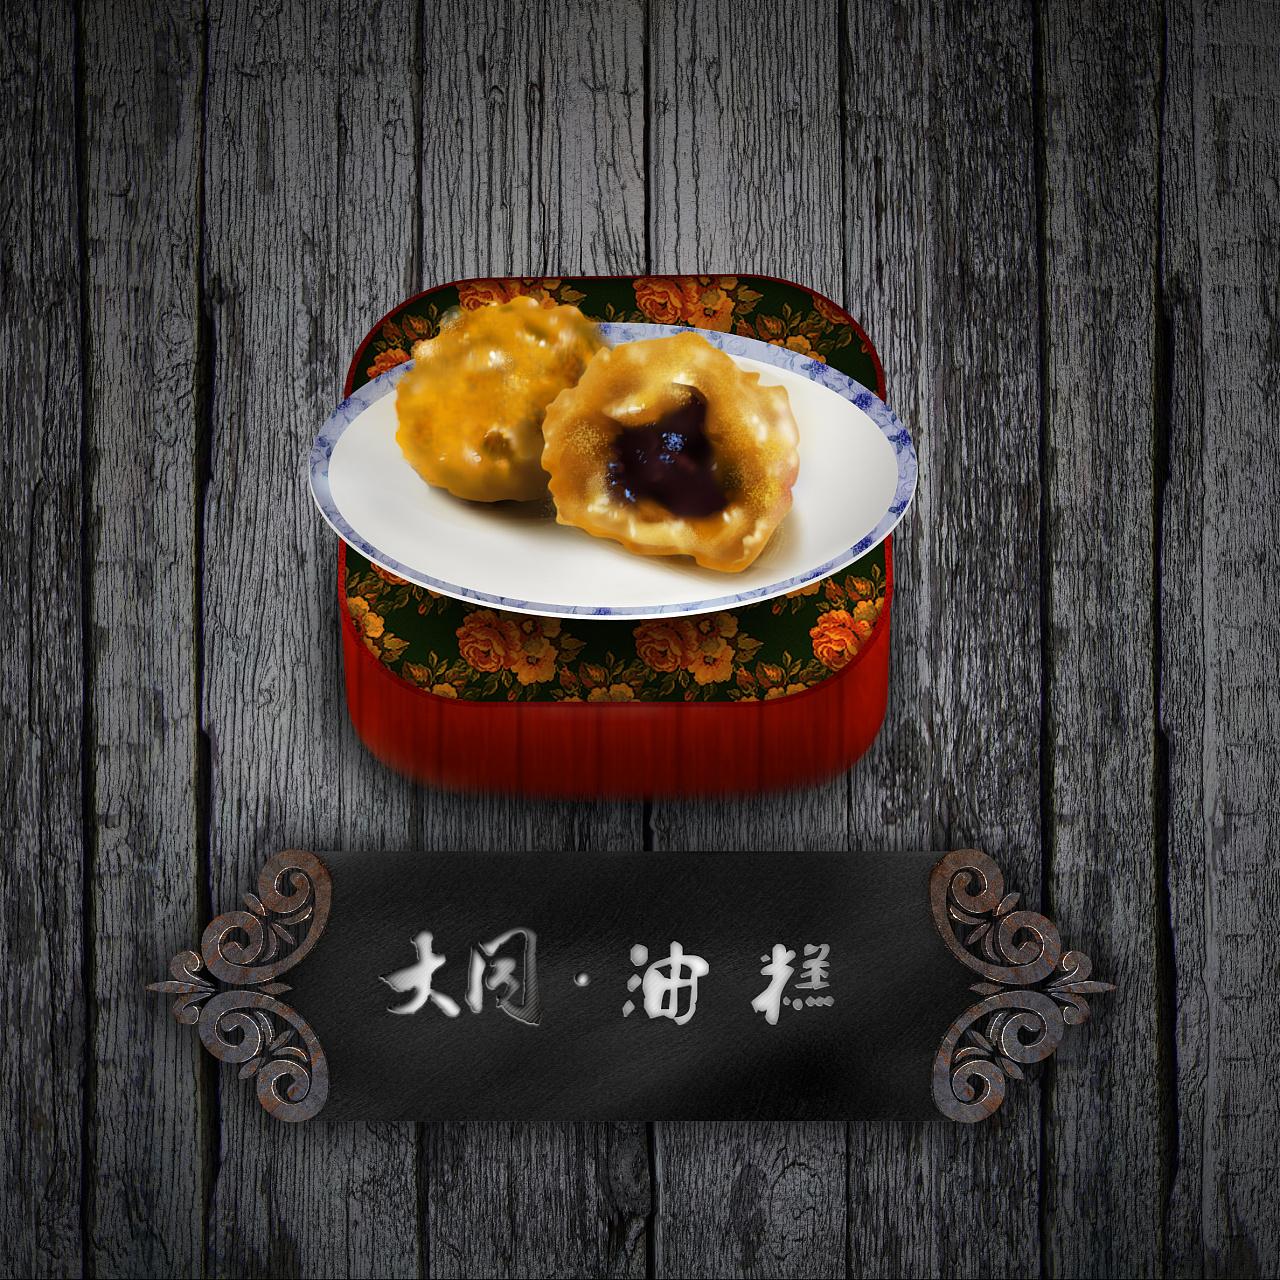 大同中国之美食美食#动漫作品#蔬菜大全味道图片